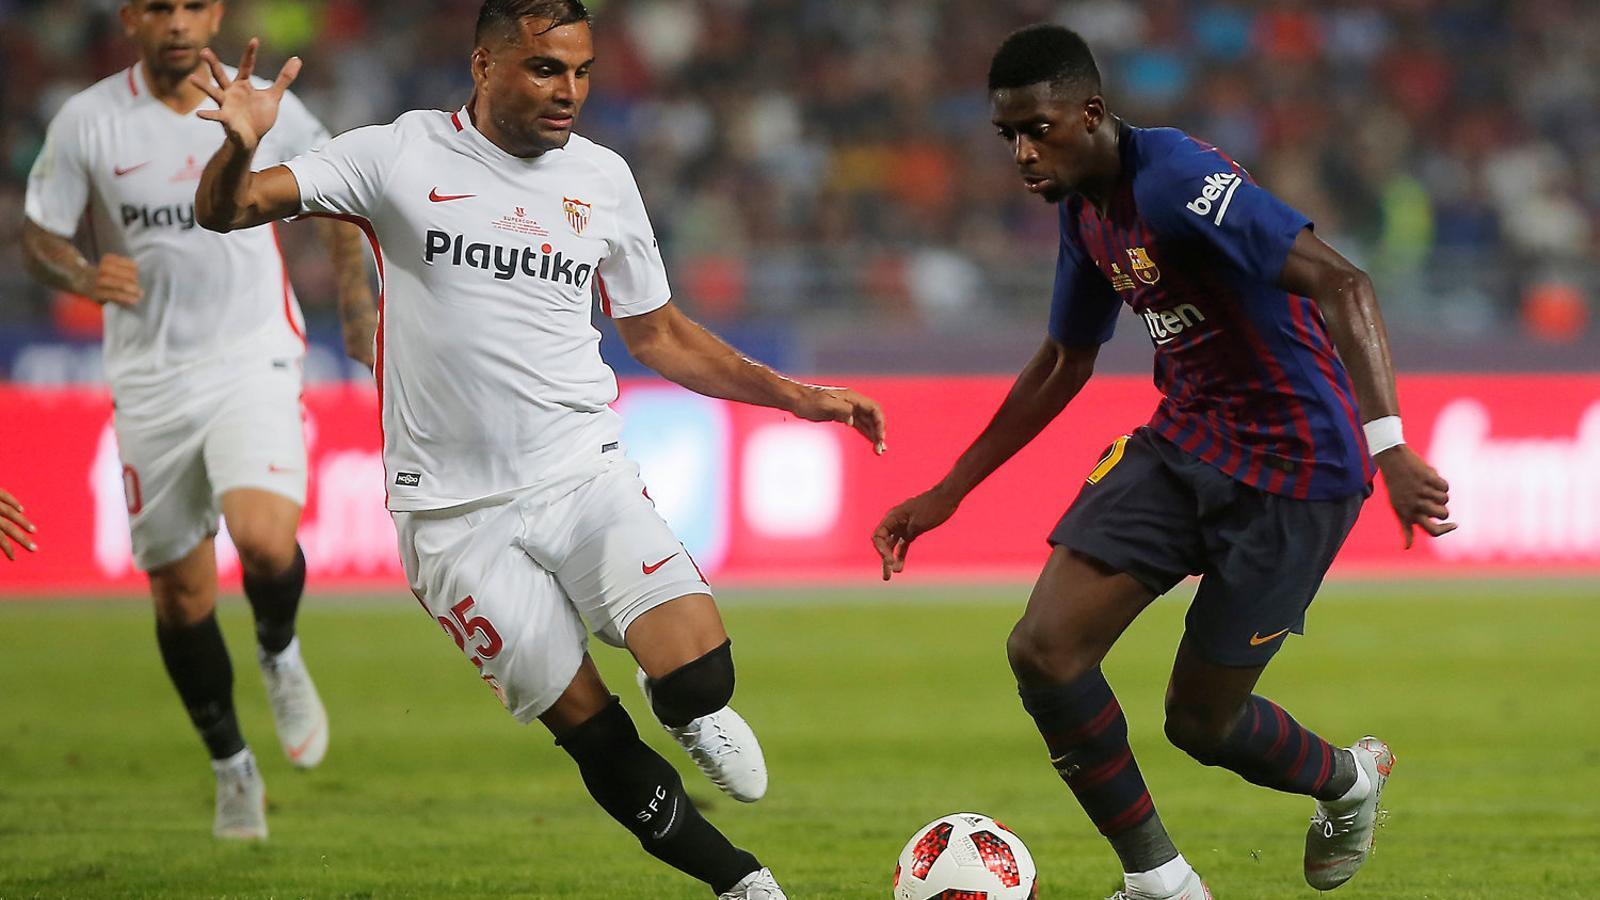 Dembélé controlant la pilota davant la pressió de Muriel diumenge a la Supercopa.